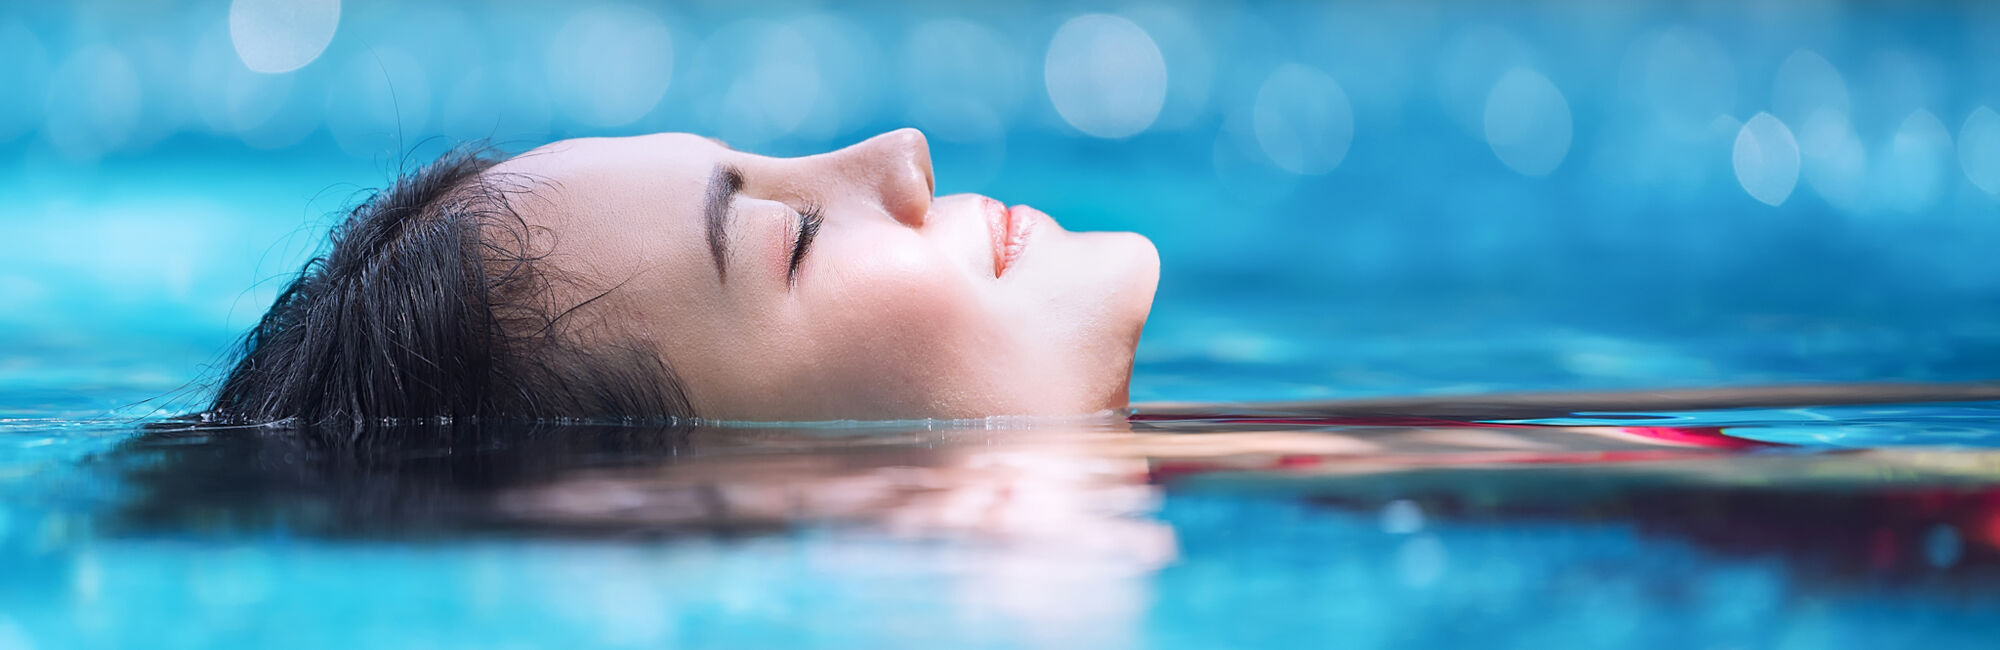 Headerbeeld stiltezwemmen - Vrouw met gesloten ogen drijvend in het zwembad